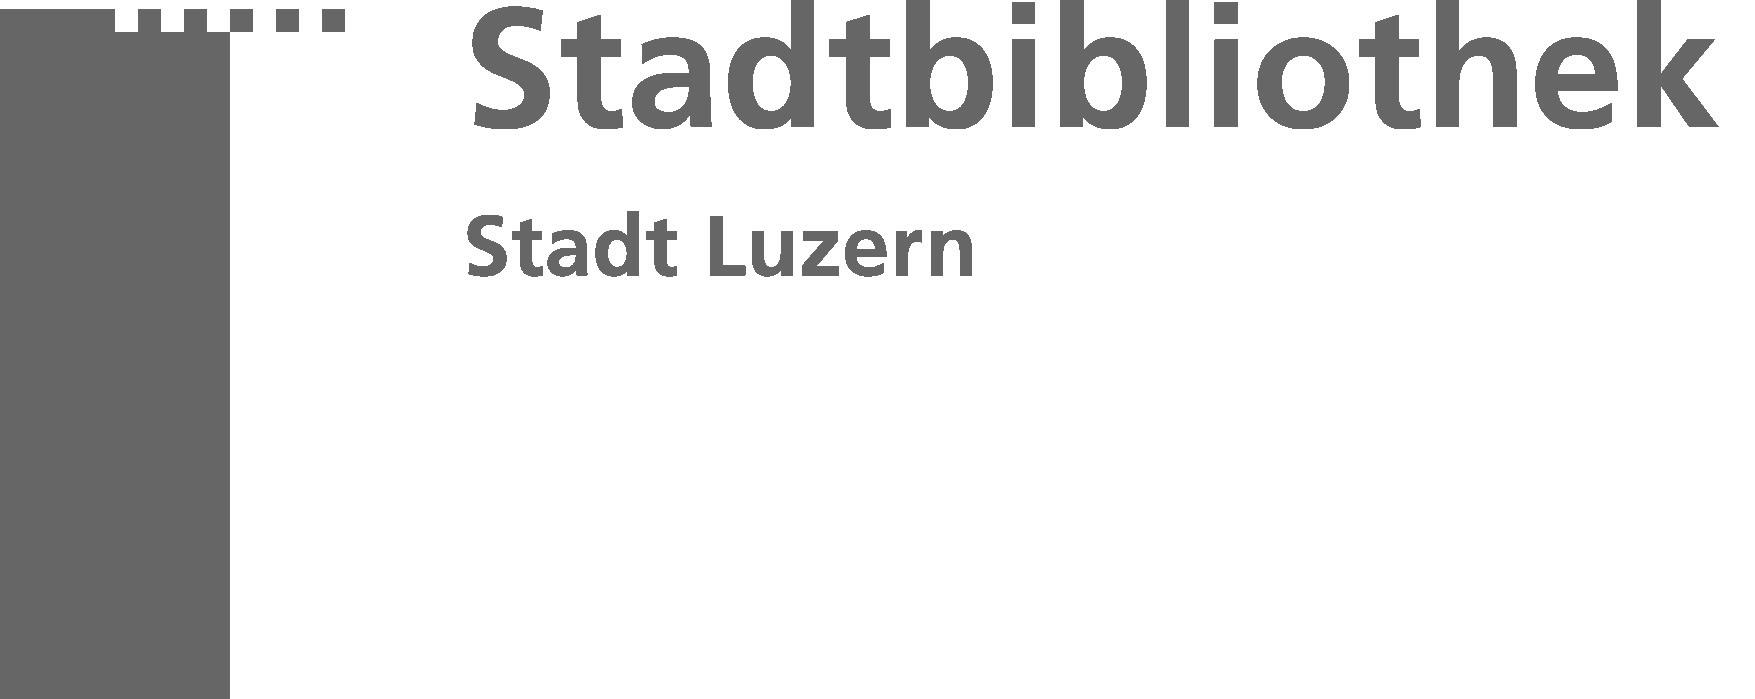 Stadtbibliothek Luzern